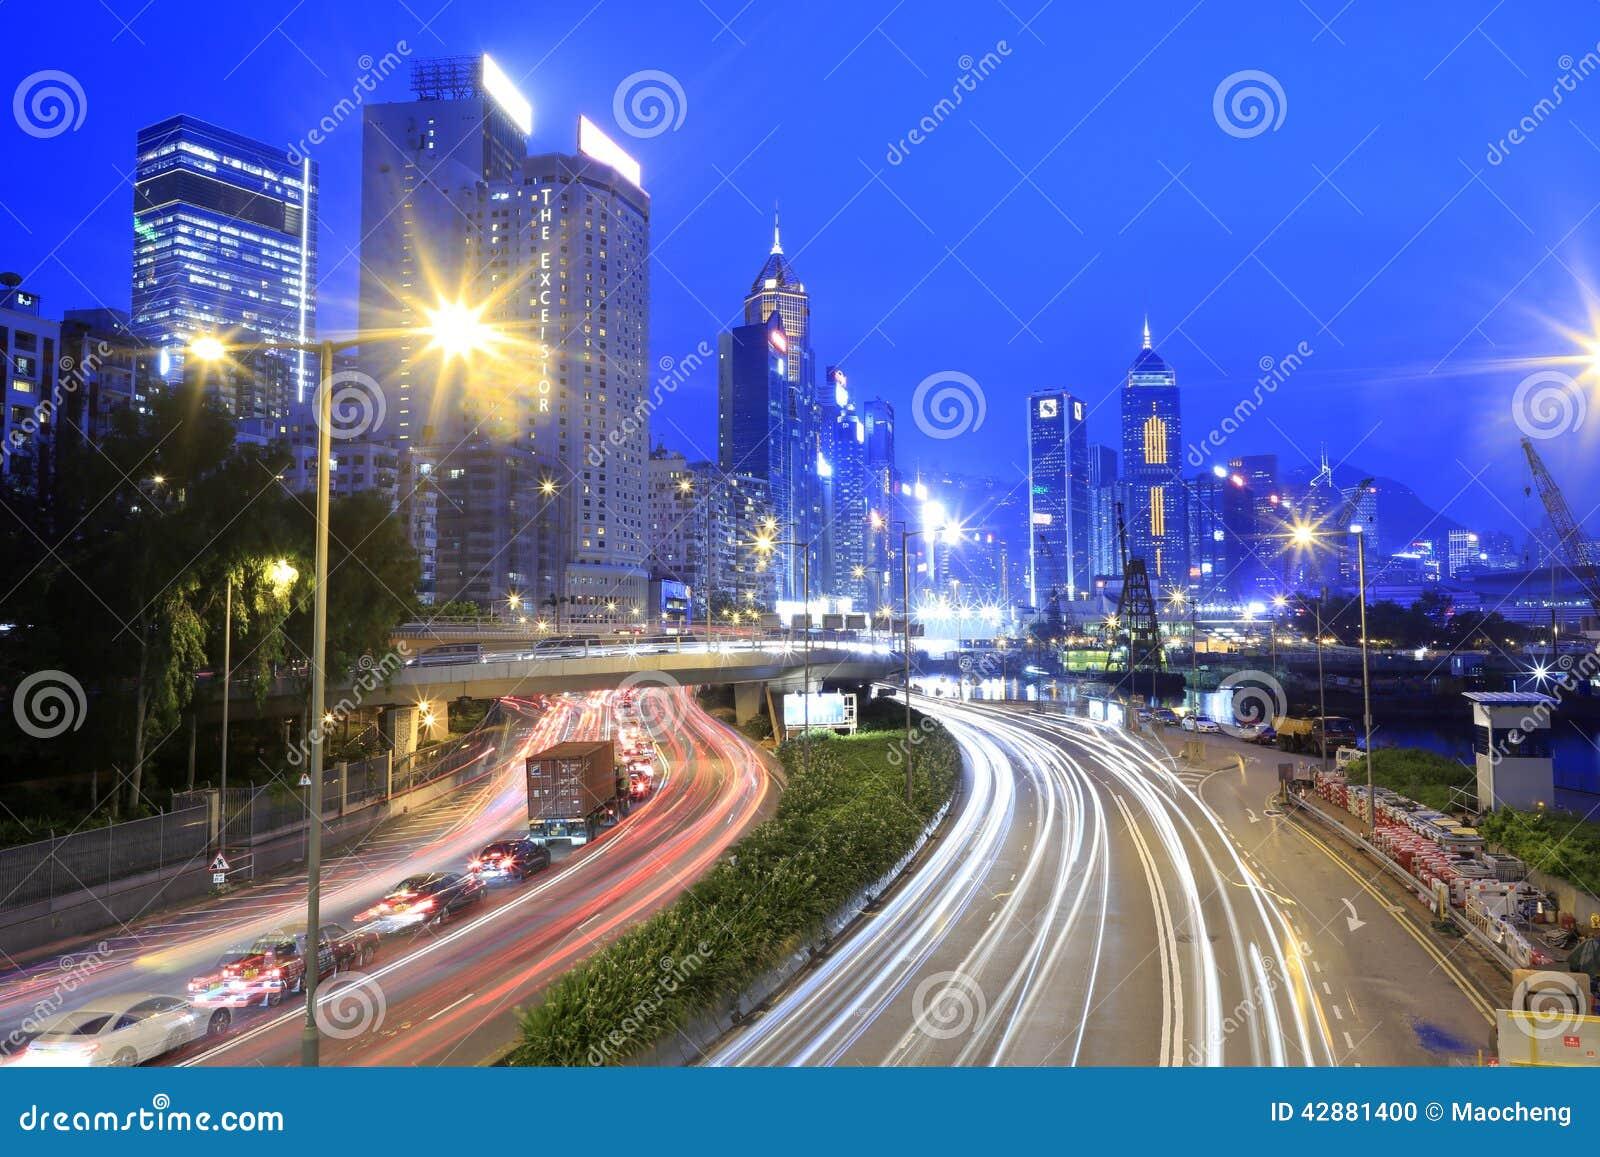 香港铜锣湾夜视域